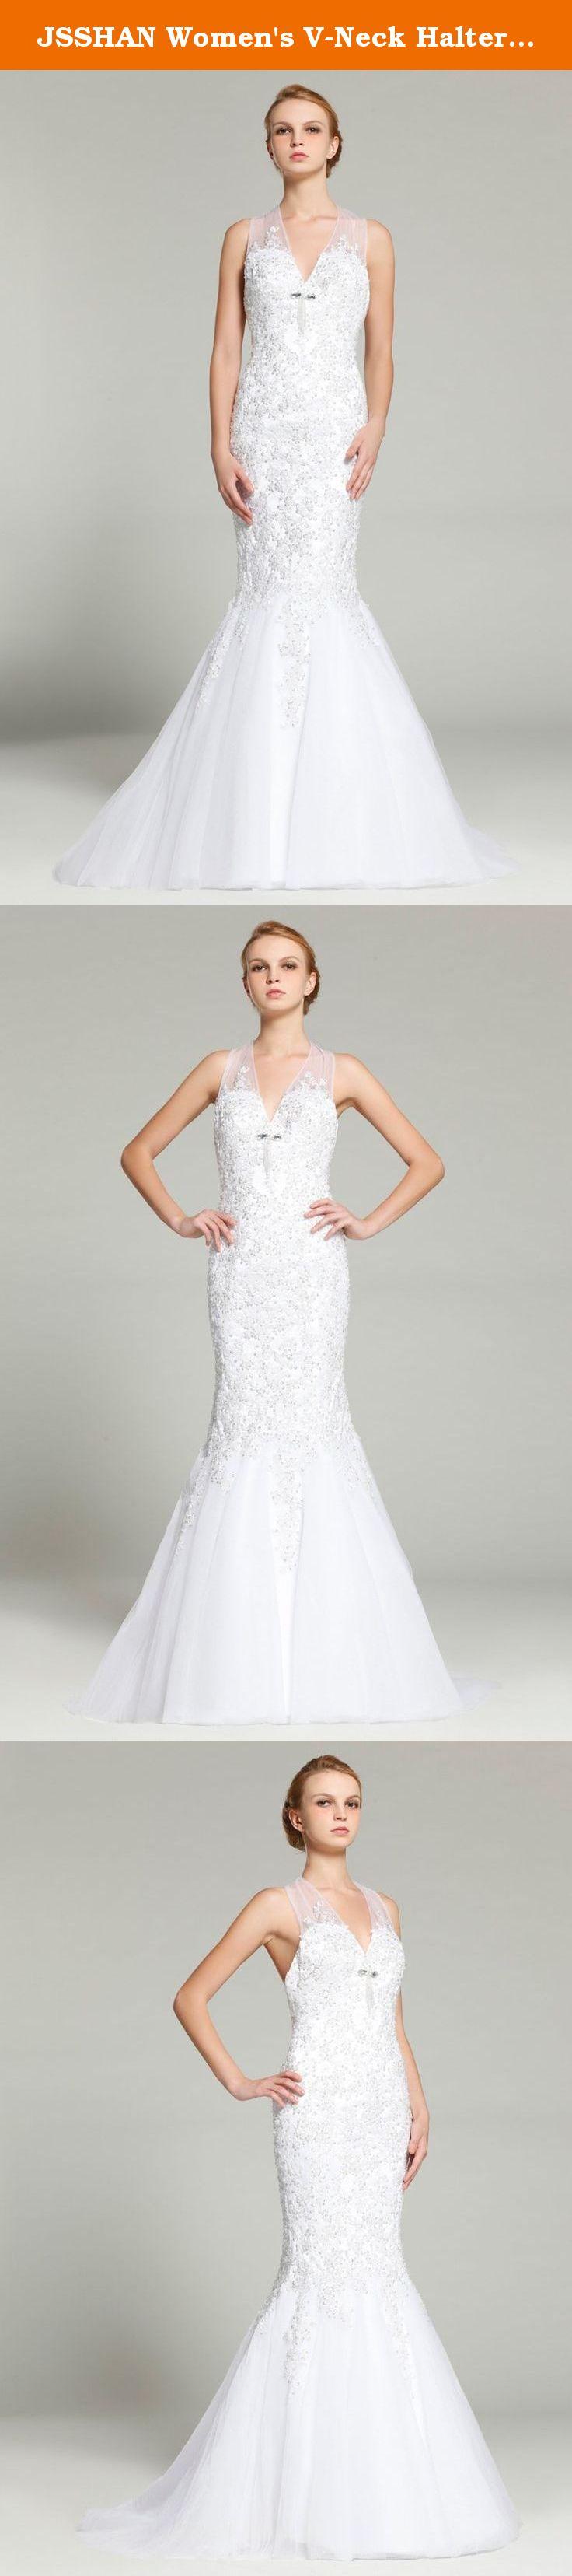 Jsshan womenus vneck halter beaded white tulle mermaid bridal